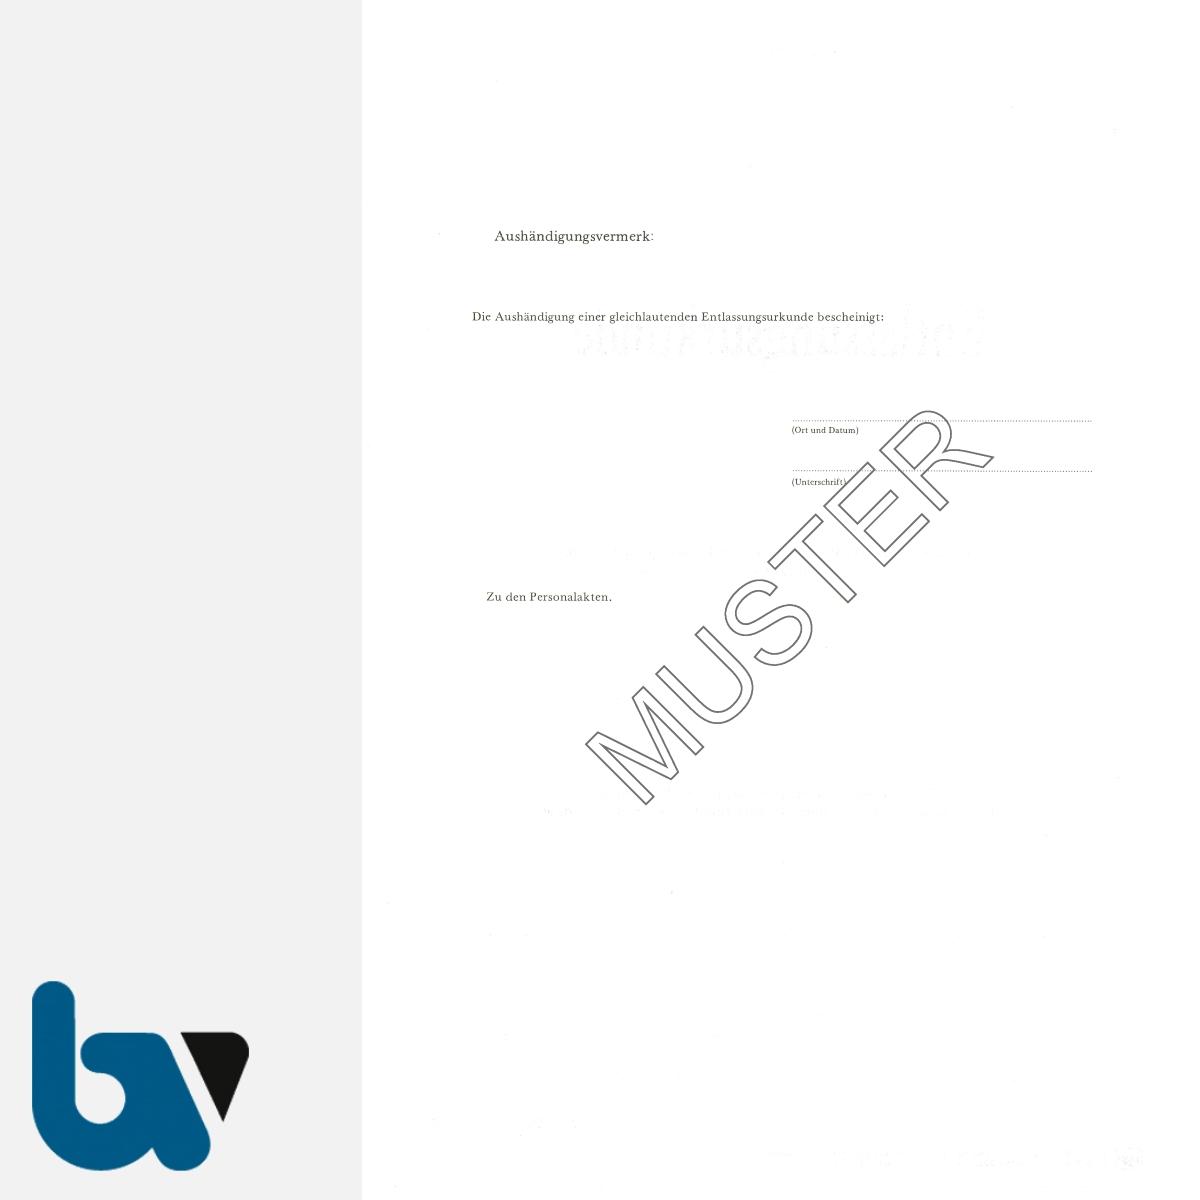 0/486-5 Entlassungsurkunde Feuerwehr Karton Hammerschlag selbstdurchschreibend DIN A4 2-fach RS | Borgard Verlag GmbH